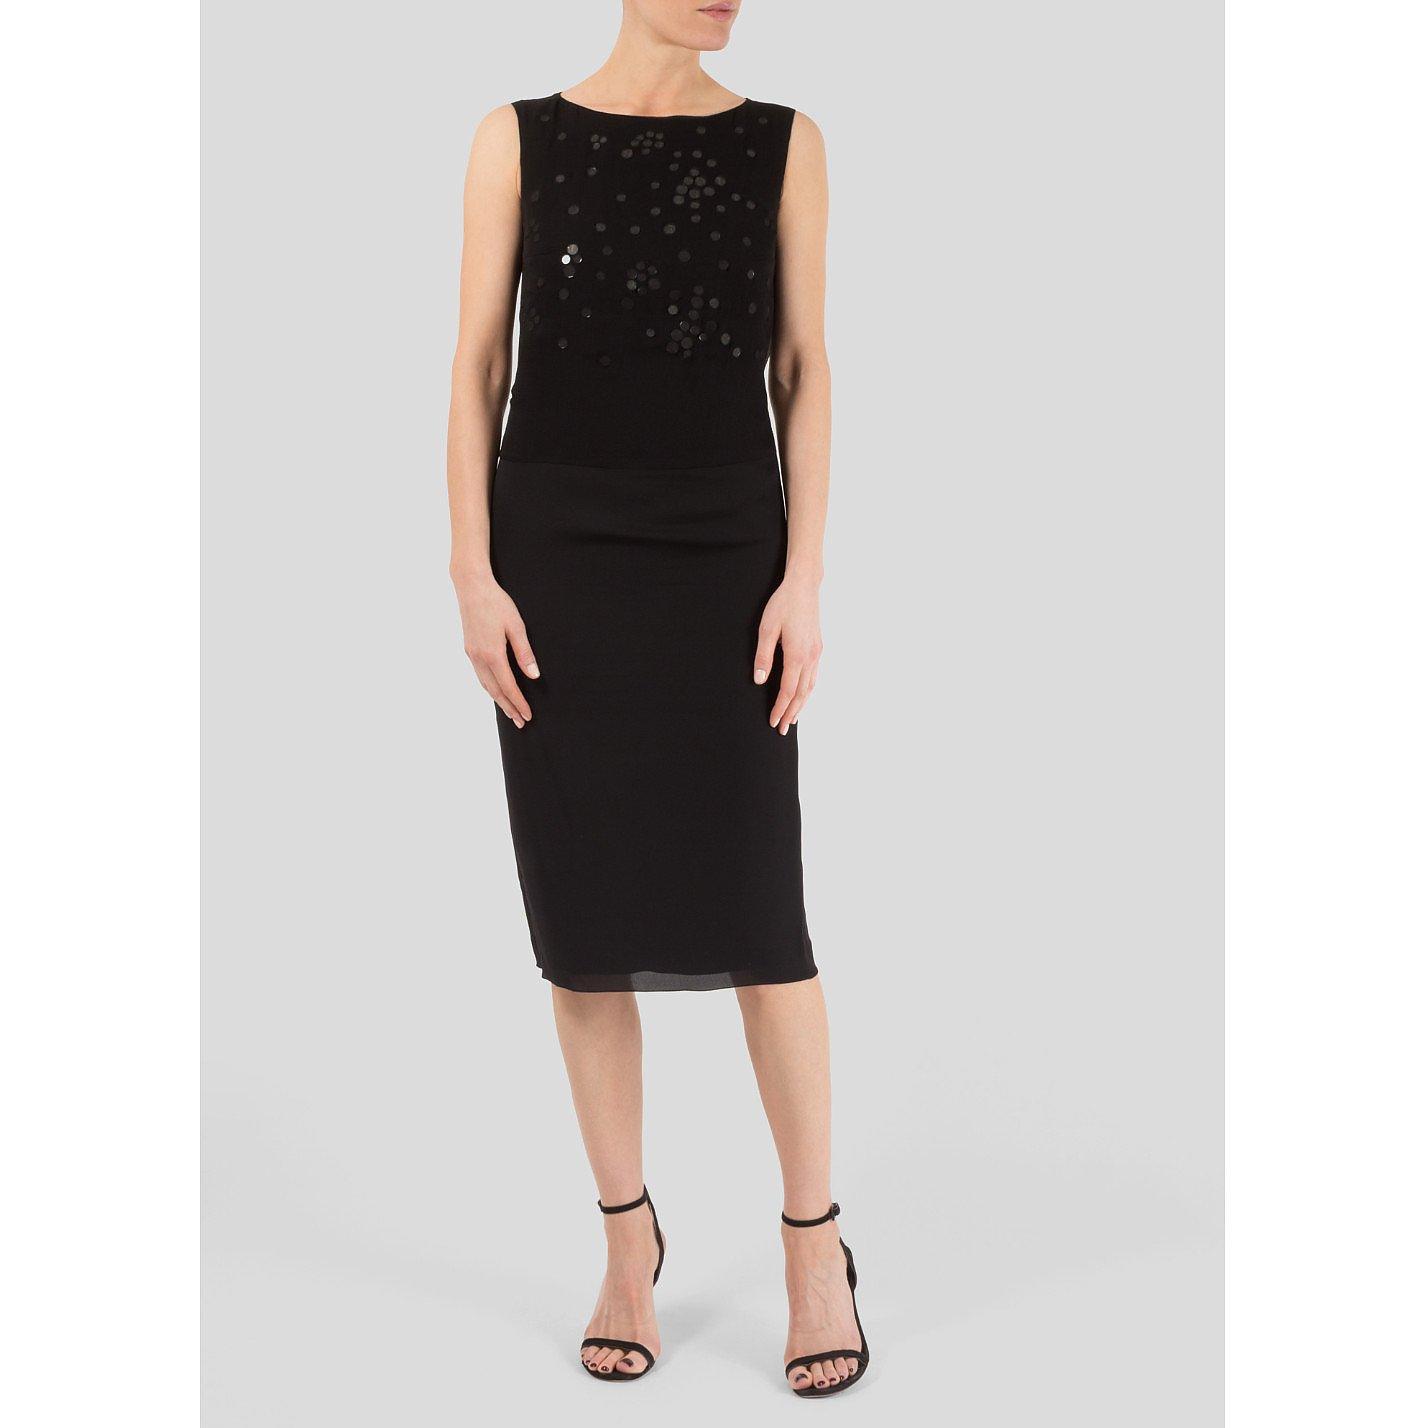 Victoria Beckham Mirror Applique Dress